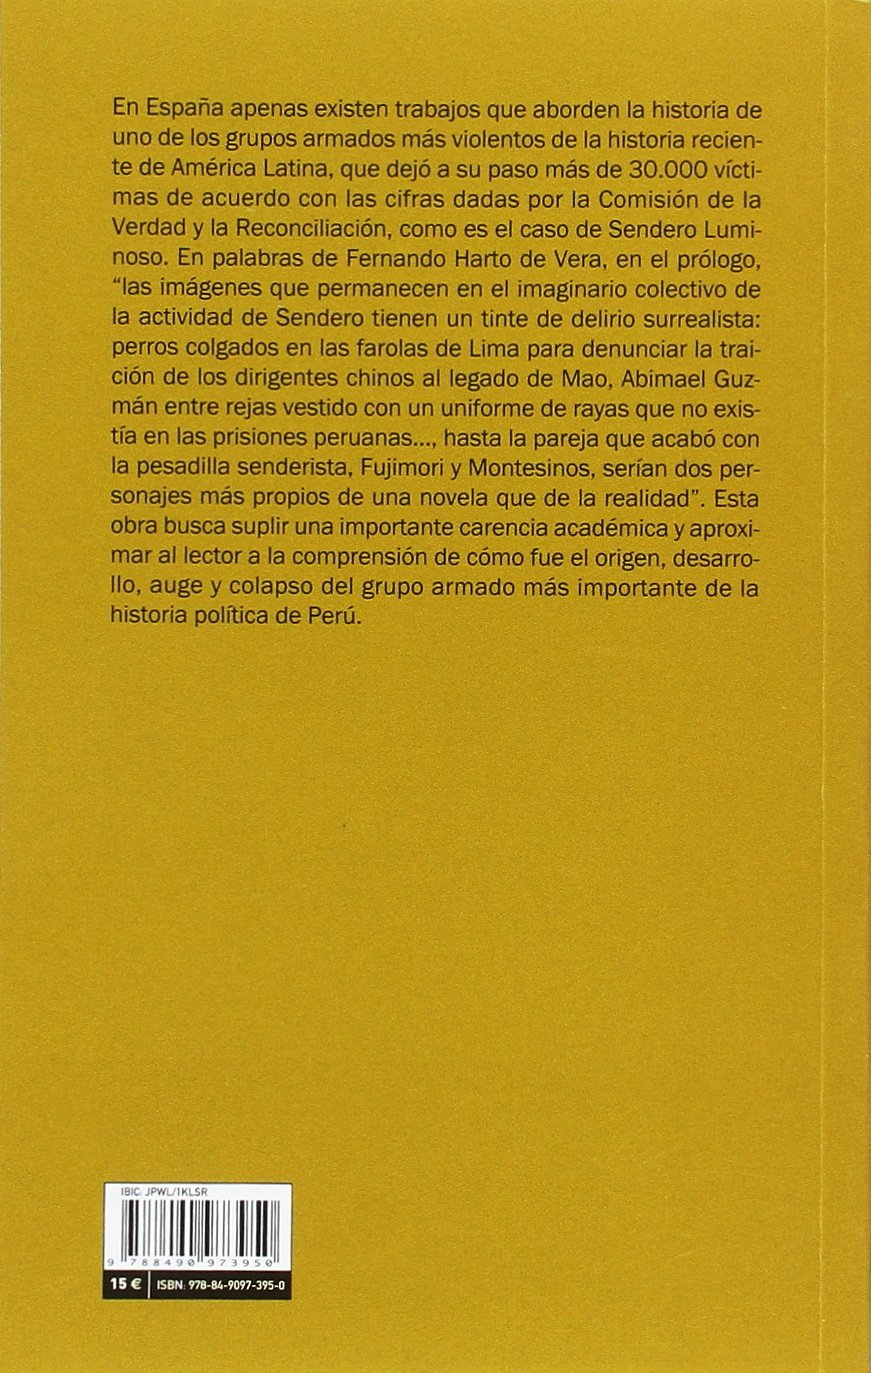 Breve historia de Sendero Luminoso (Mayor): Amazon.es: Jerónimo Ríos Sierra, Marté Sánchez Villagómez: Libros